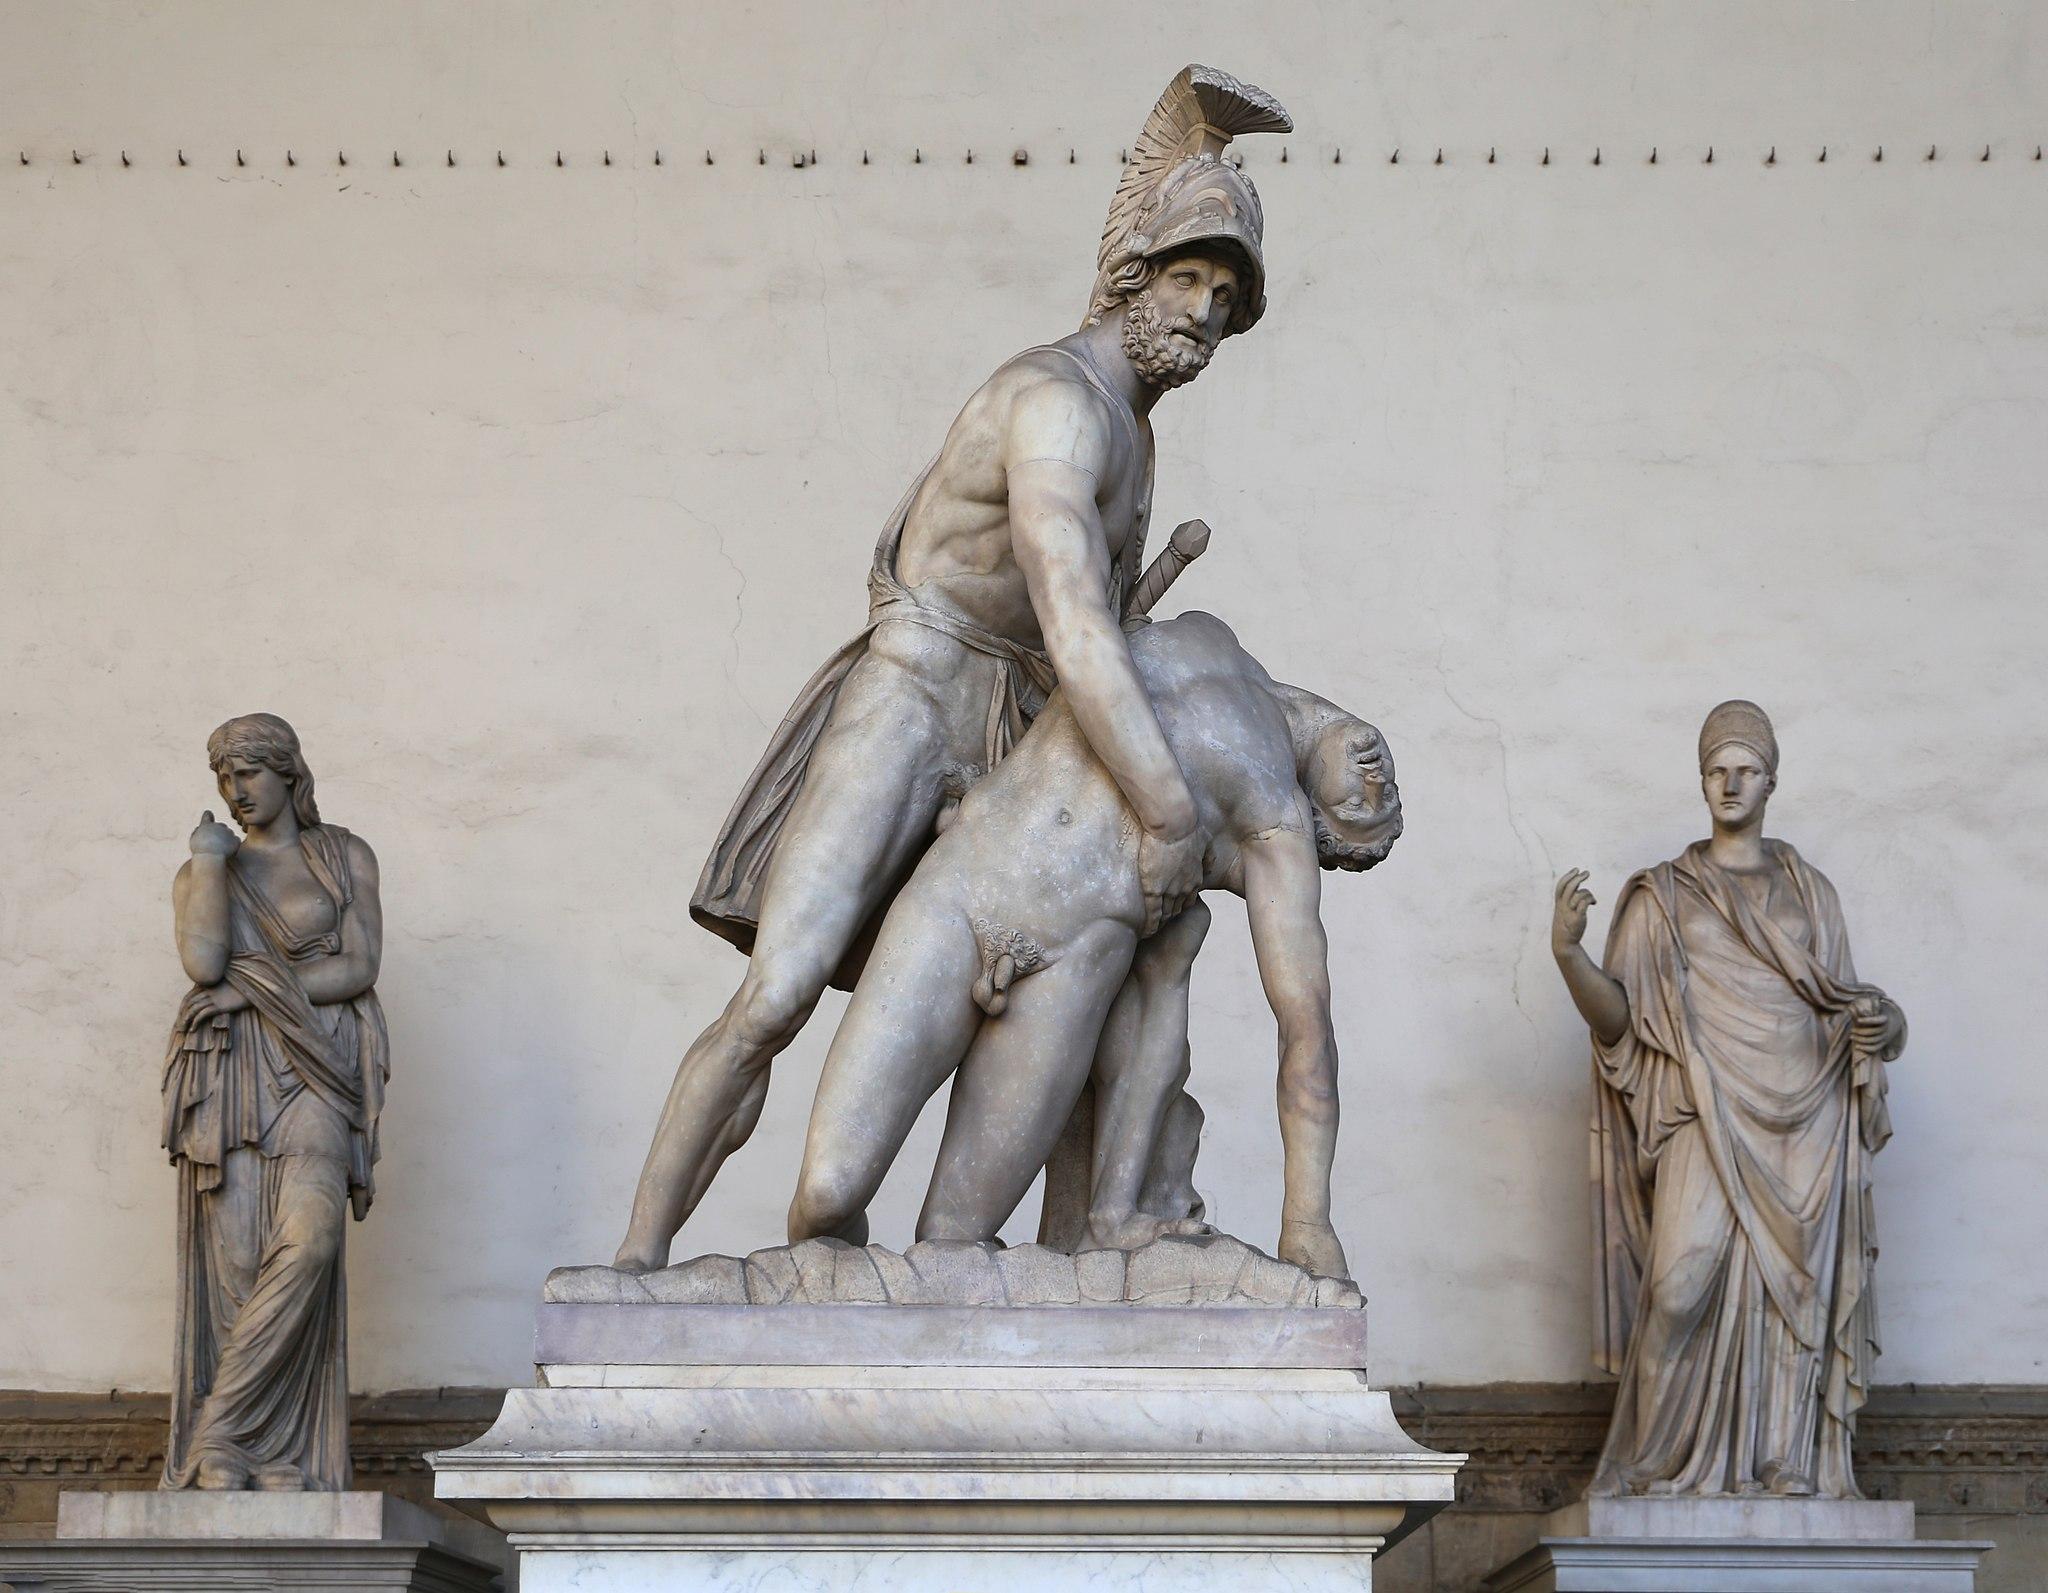 Arte romana, menelao che sorregge il corpo morto di patroclo, età flavia, da un orig. greco del 240-230 ac ca., rataurata da ludovico salvetti su indicaz. di p. tacca (1640) e da stefano ricci (1830 ca.) 01